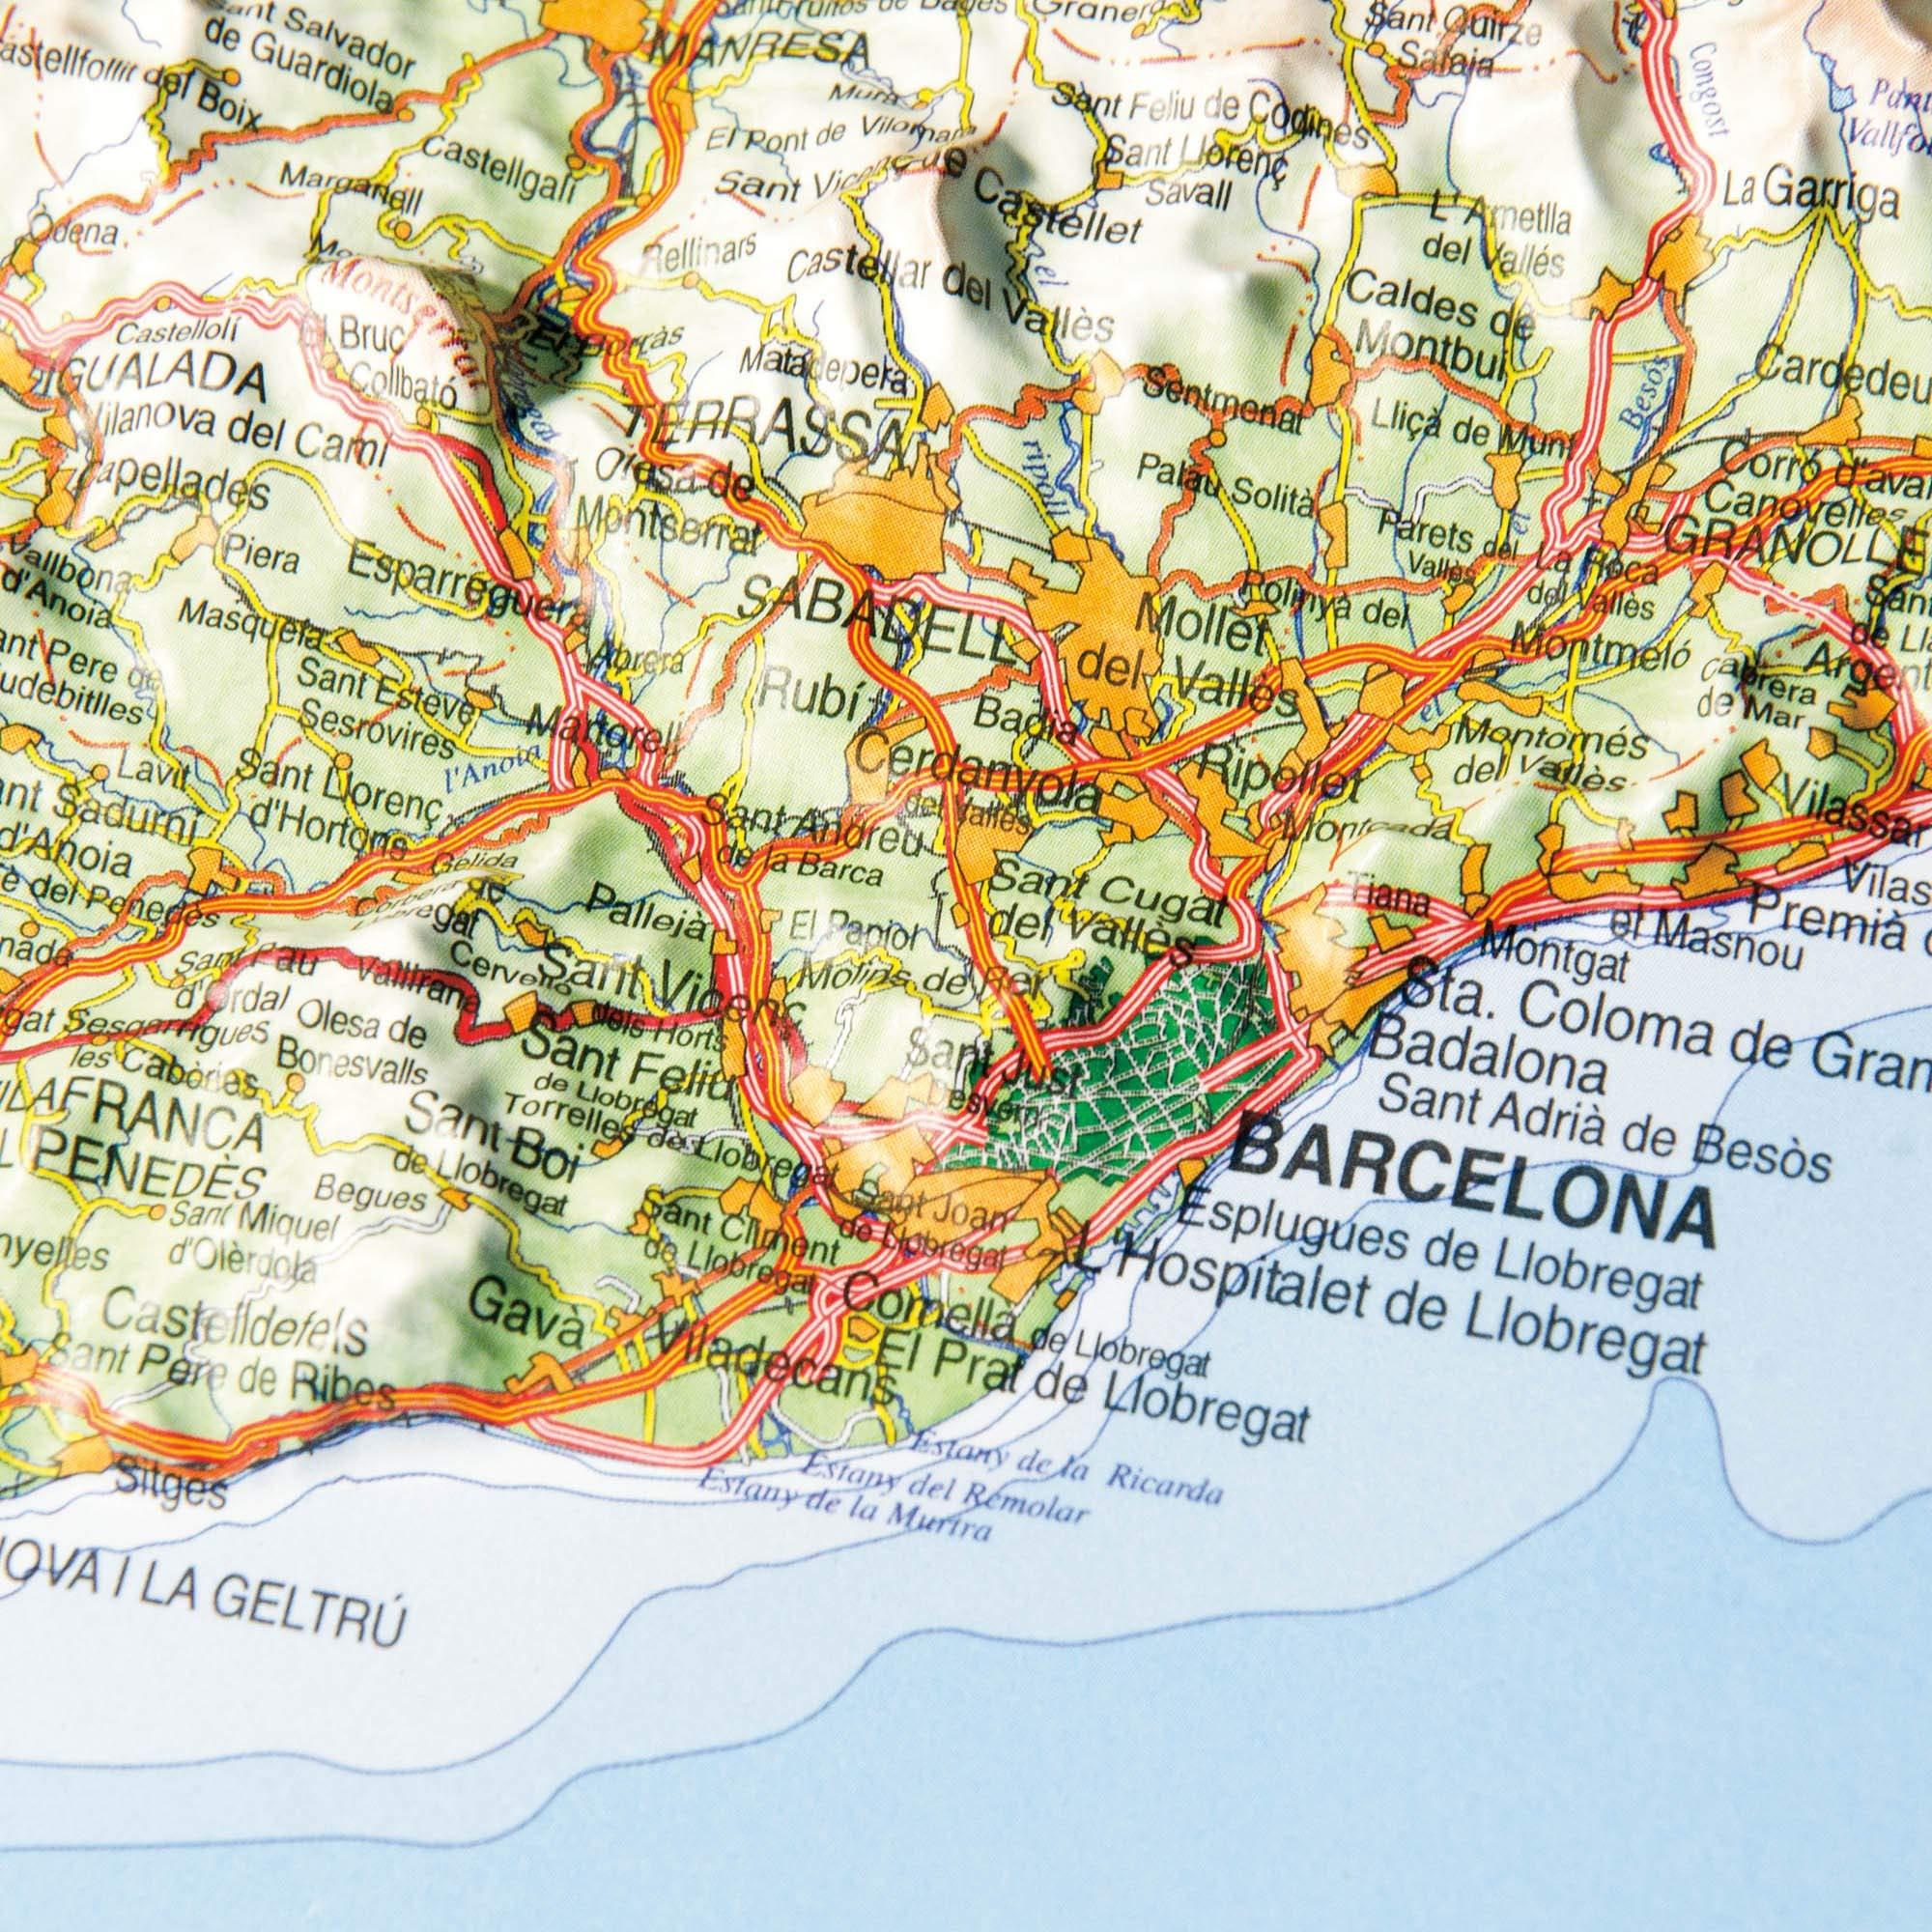 Mapa en relieve de Cataluña: Escala 1:800.000: Amazon.es: All 3D Form, S.L.: Libros